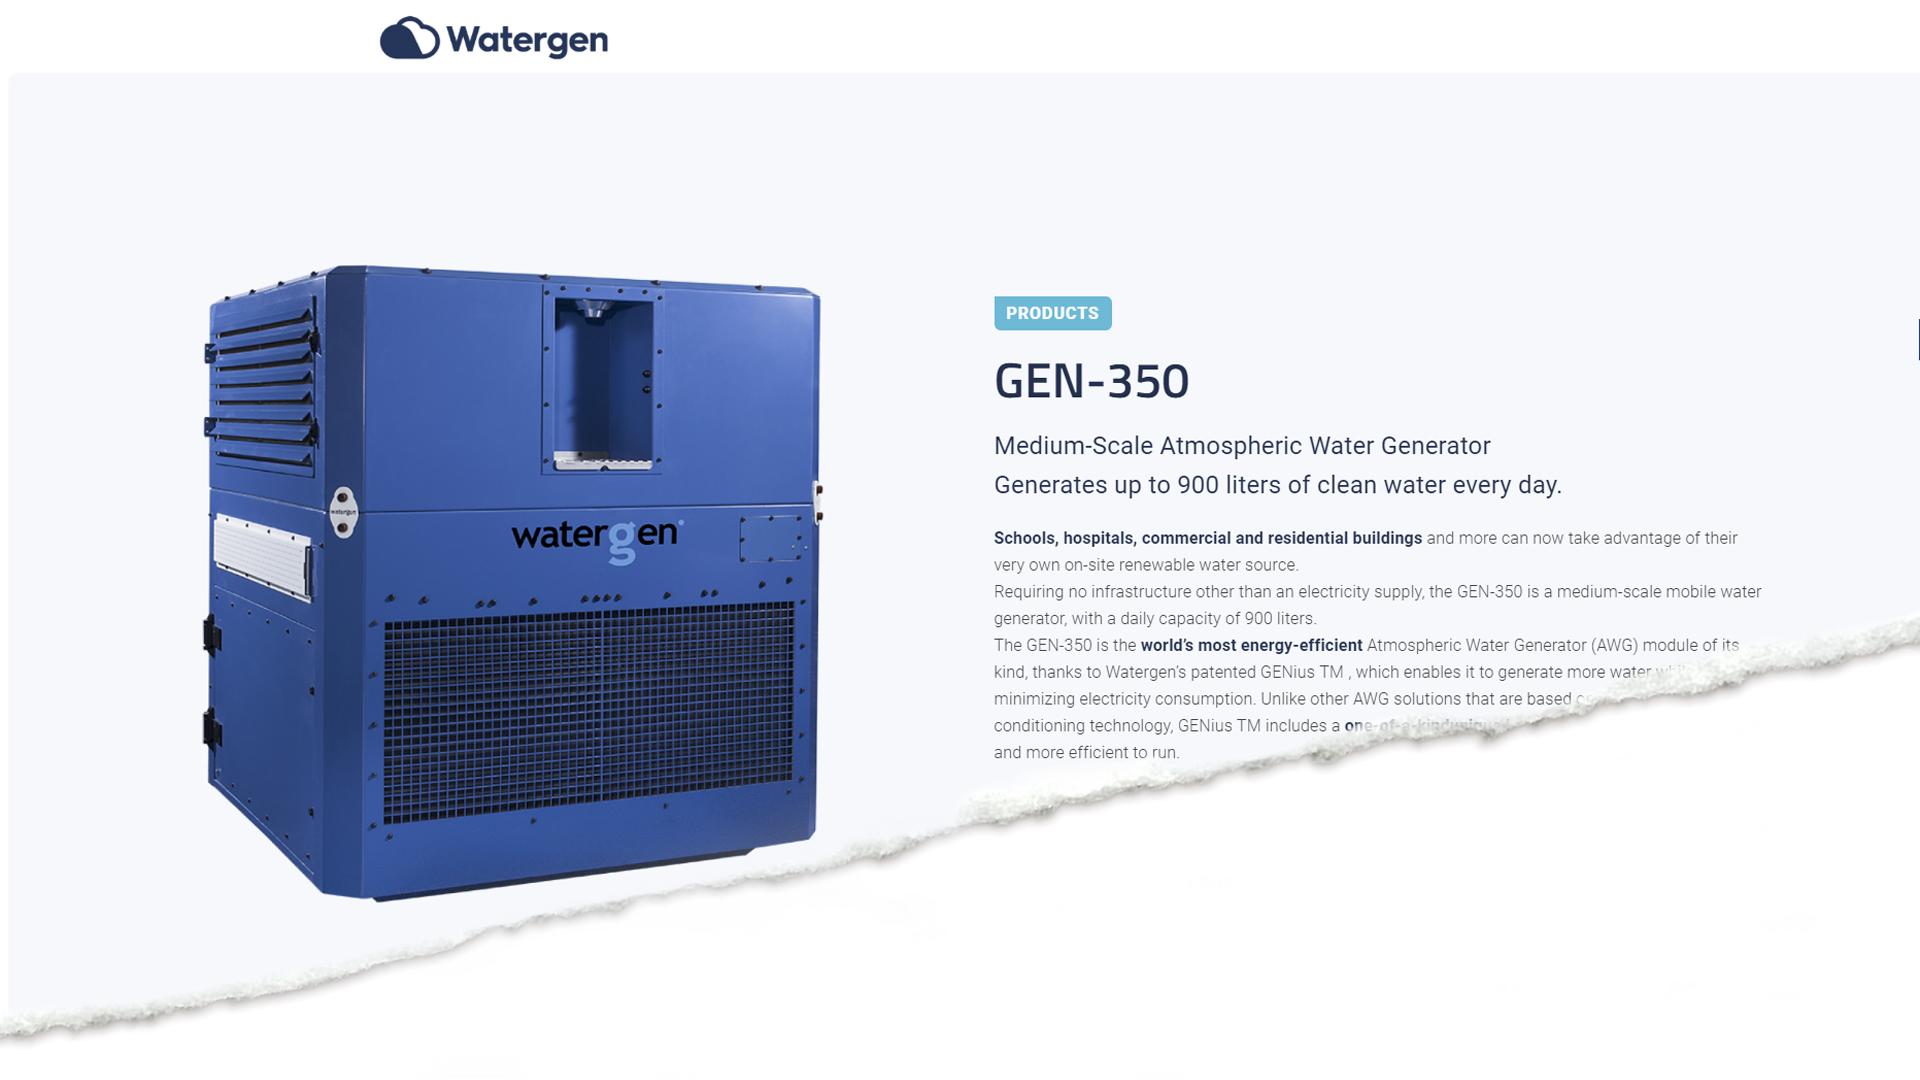 Watergen GEN-350 on keskikokoinen vedenvalmistaja ja tekee parhaimmillaan 900 litraa puhdasta vettä päivässä.